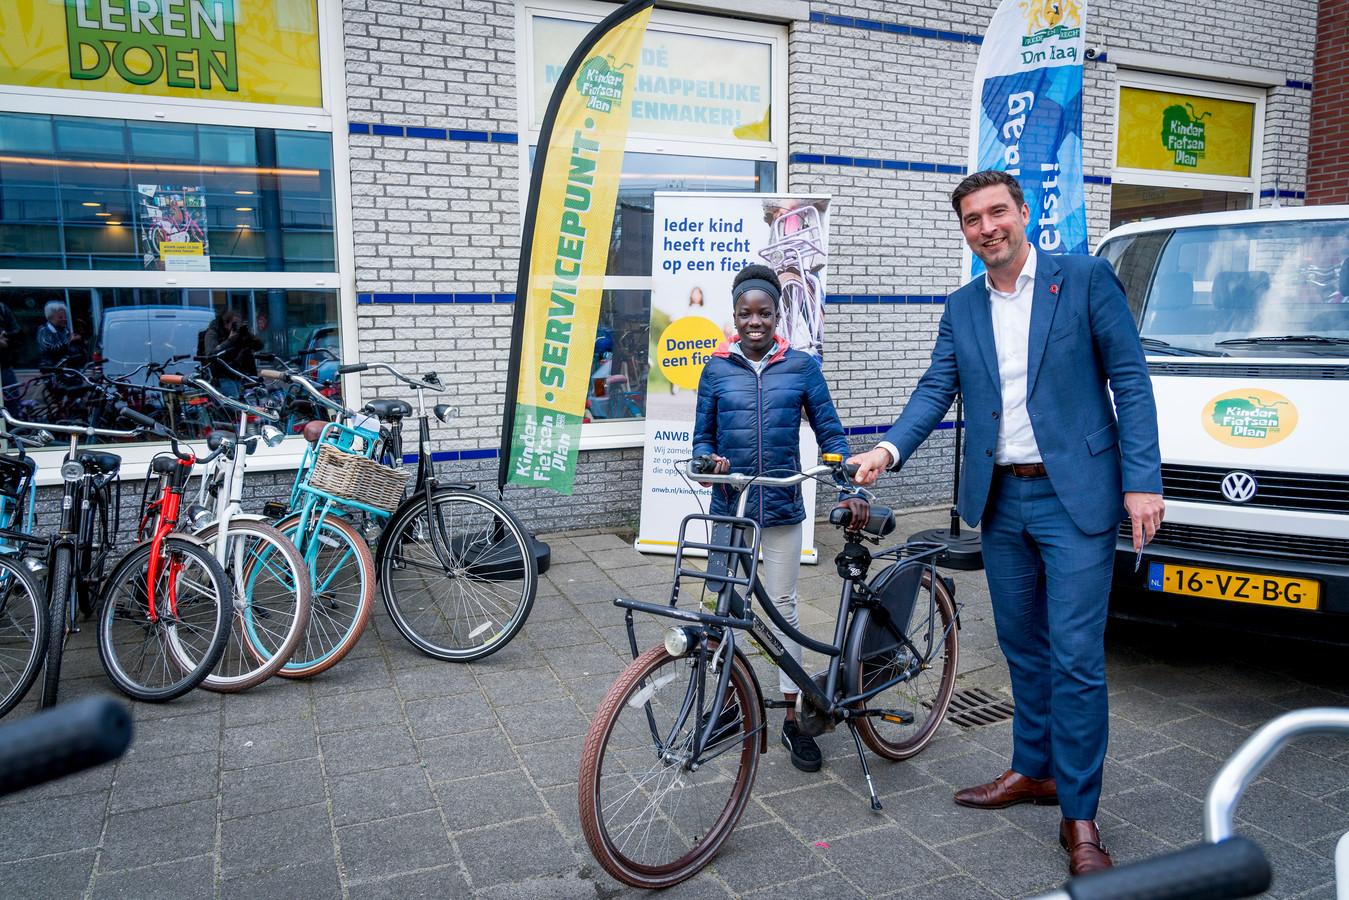 Wethouder Robert van Asten (Mobiliteit) geeft de eerste Haagse fiets uit dit plan aan Laura.